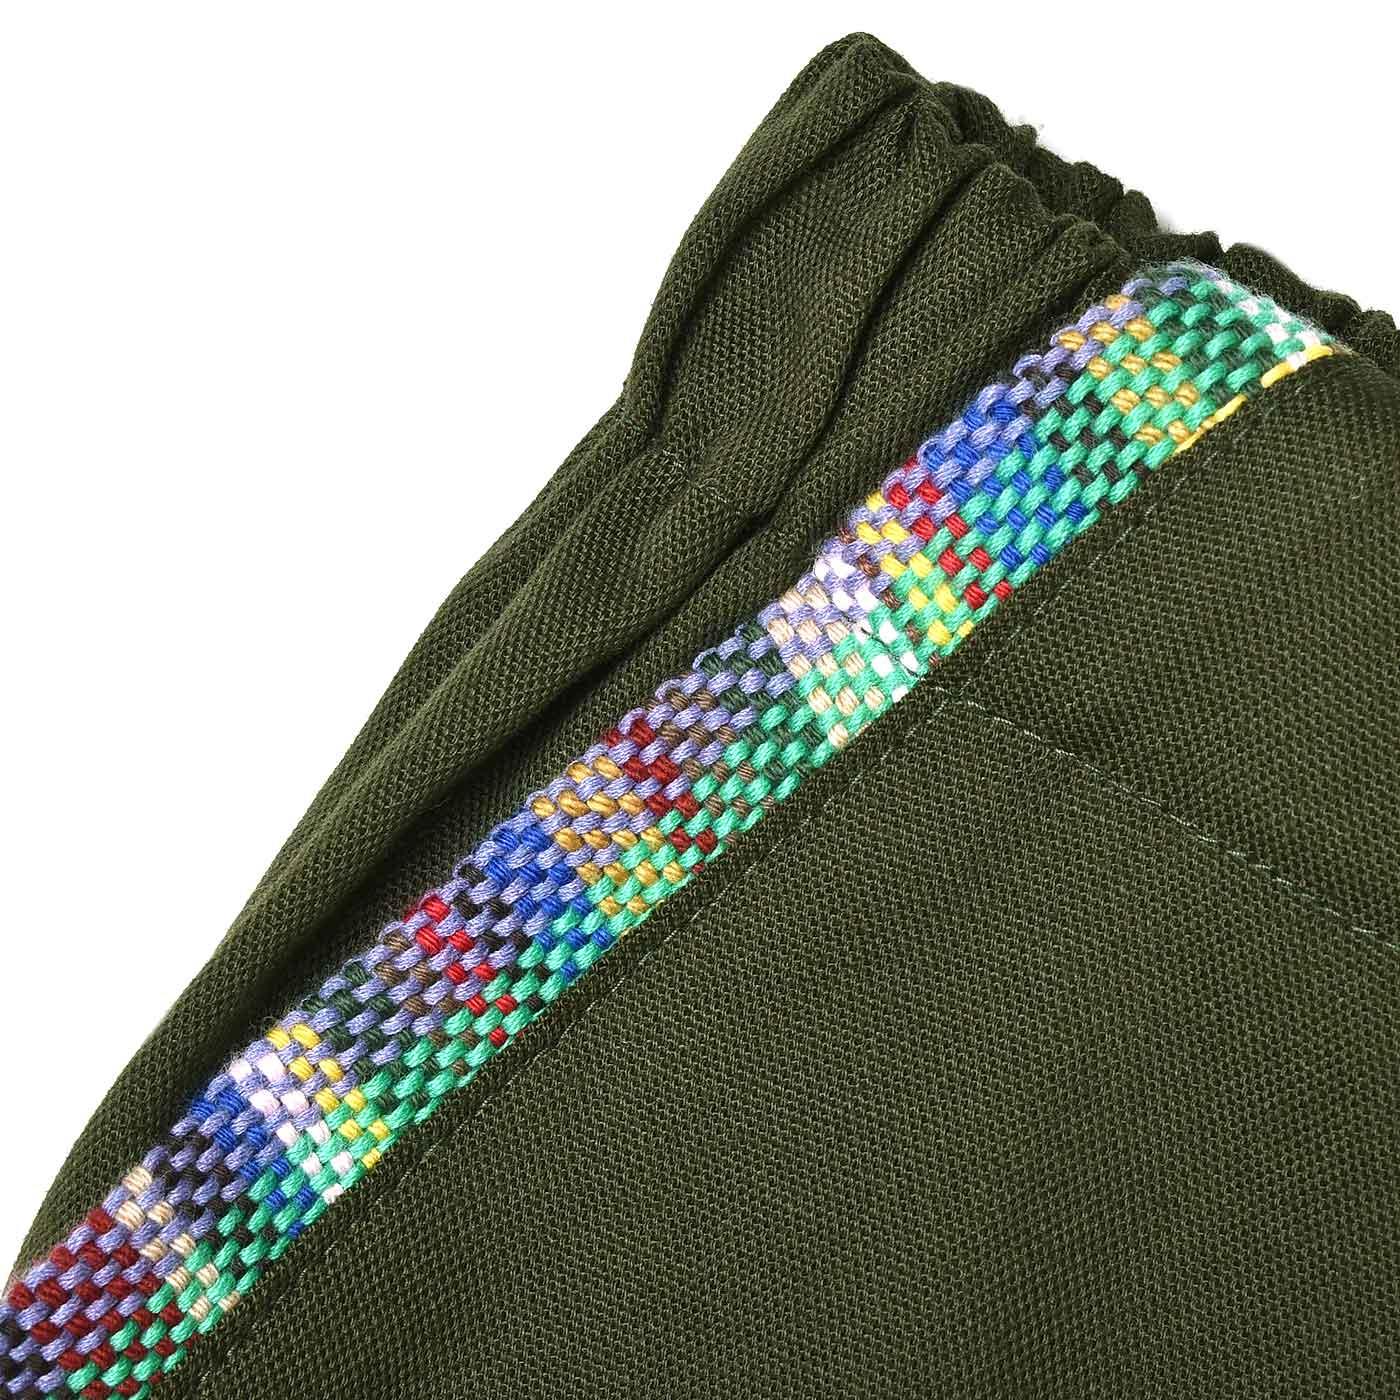 さをり織りでポケットのふちを飾りました。 ※お届けする商品とはカラーが異なります。